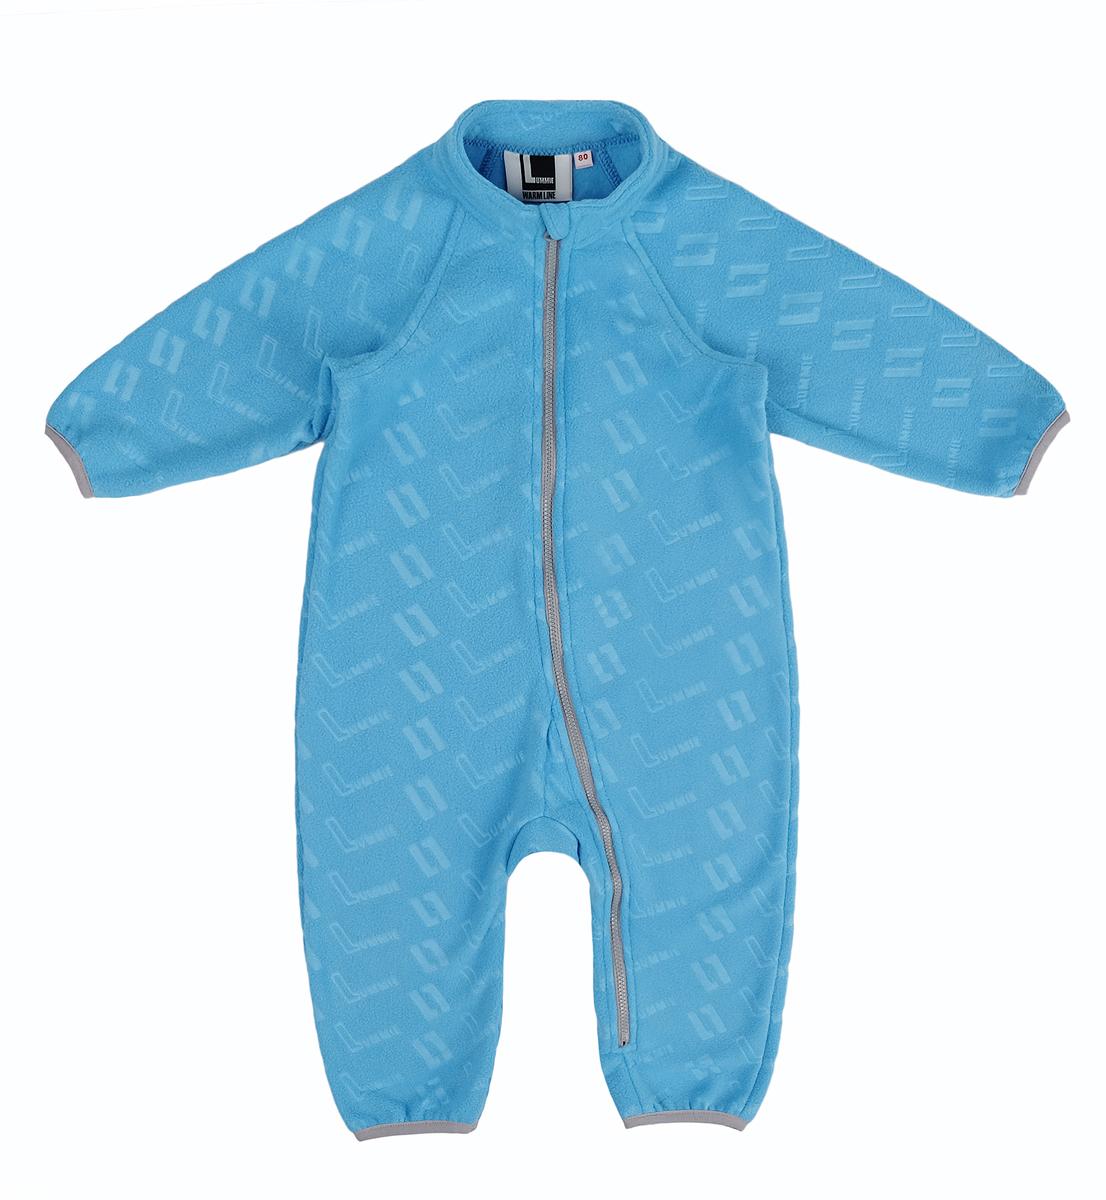 Комбинезон флисовый детский Lummie, цвет: синий. WL-21 L_blue. Размер 86, 18 месяцевWL-21 L_blueДетский комбинезон Lummie выполнен из мягкого и теплого флиса. Модель имеет длинные рукава-реглан, застегивается на молнию. Манжеты рукавов и брючины дополнены эластичными резинками.